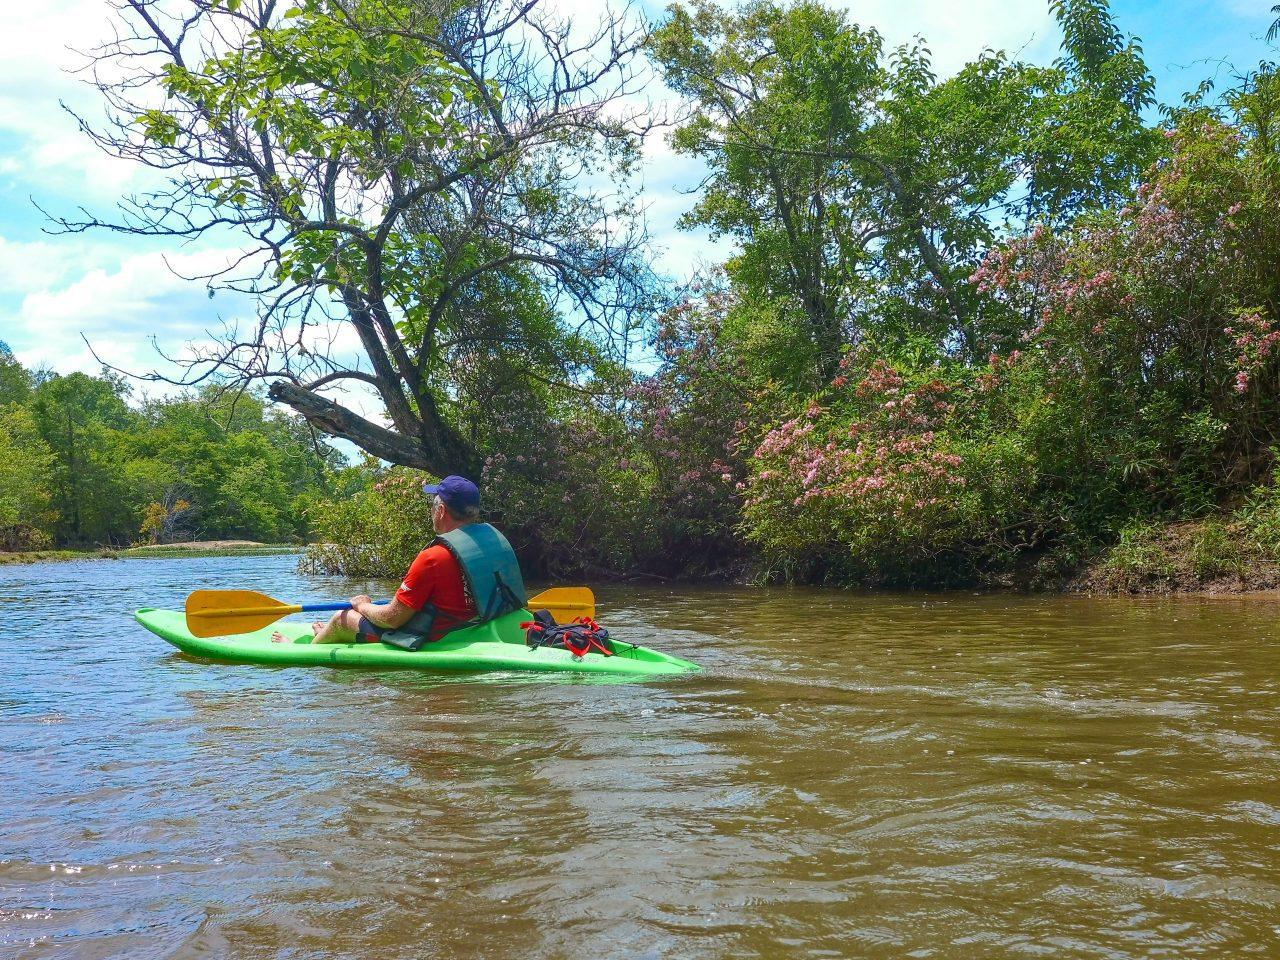 Ed Kayaking the Tallapoosa River